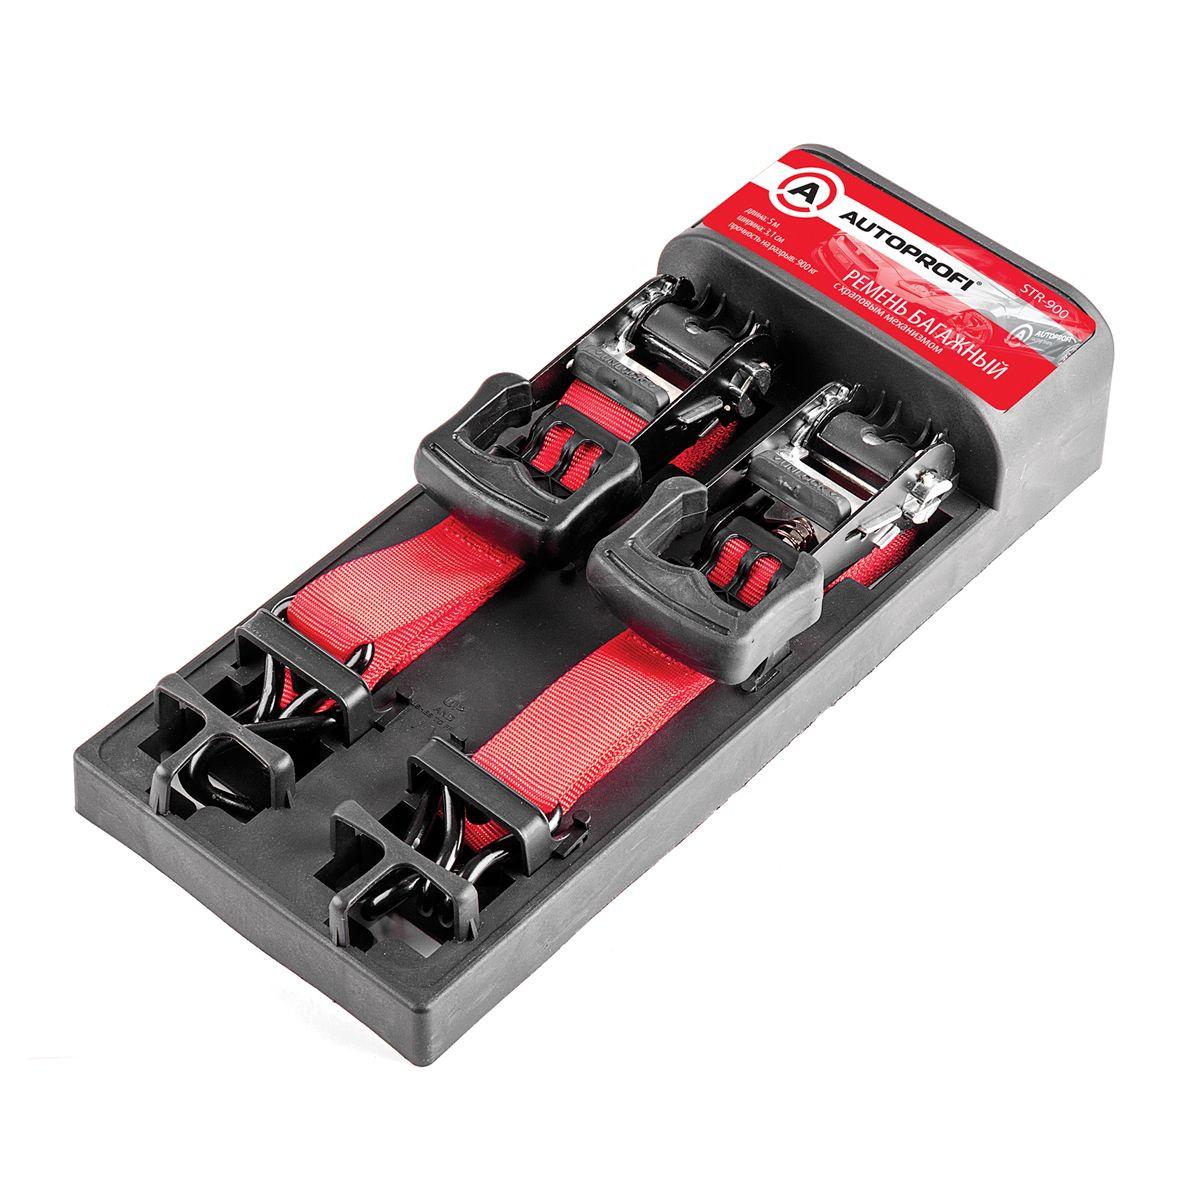 Ремень багажный Autoprofi, с храповым механизмом, 3,1 см, 5 м, 2 шт чехол на сиденье autoprofi mtx 1105 bk rd m